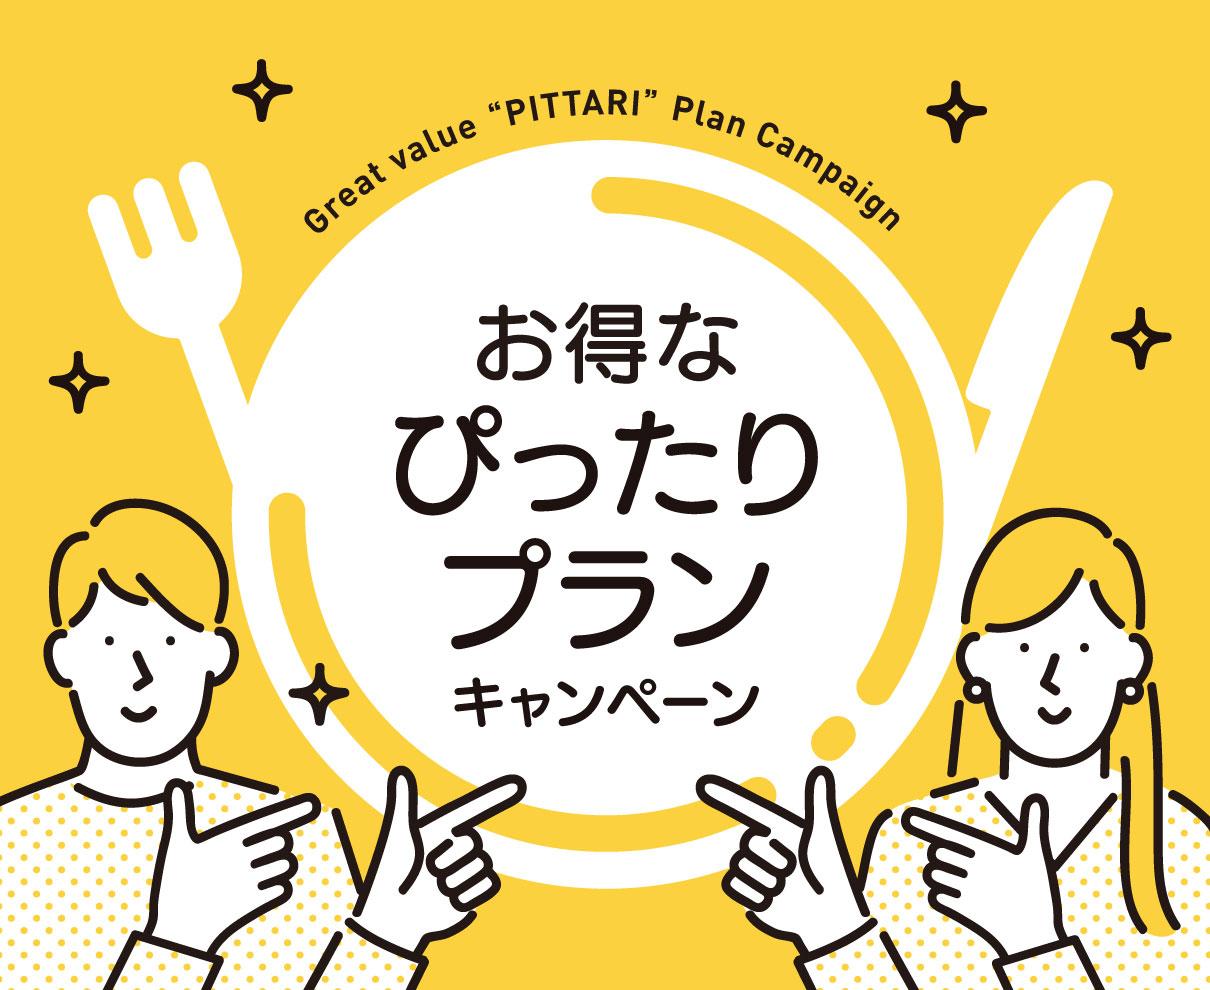 税込1000円や2500円など嬉しい値段! 美味しい食事をお得に、ぴったり価格で楽しもう♪